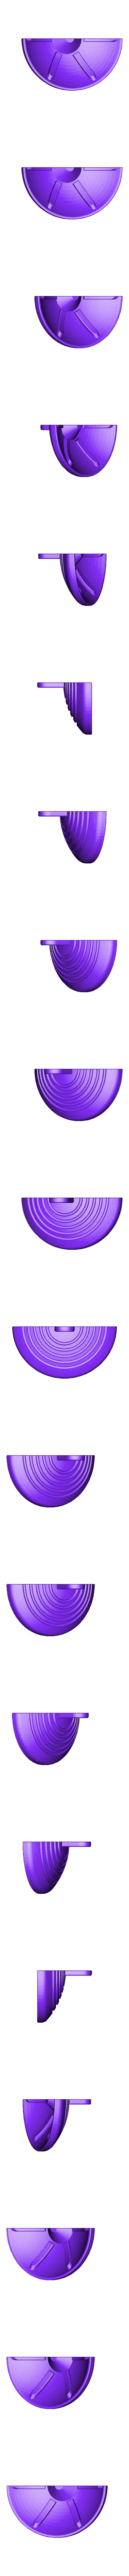 MILLENNIUM-FAUCON-RADAR-2.STL Télécharger fichier STL FAUCON MILLENNIUM • Design imprimable en 3D, PLP